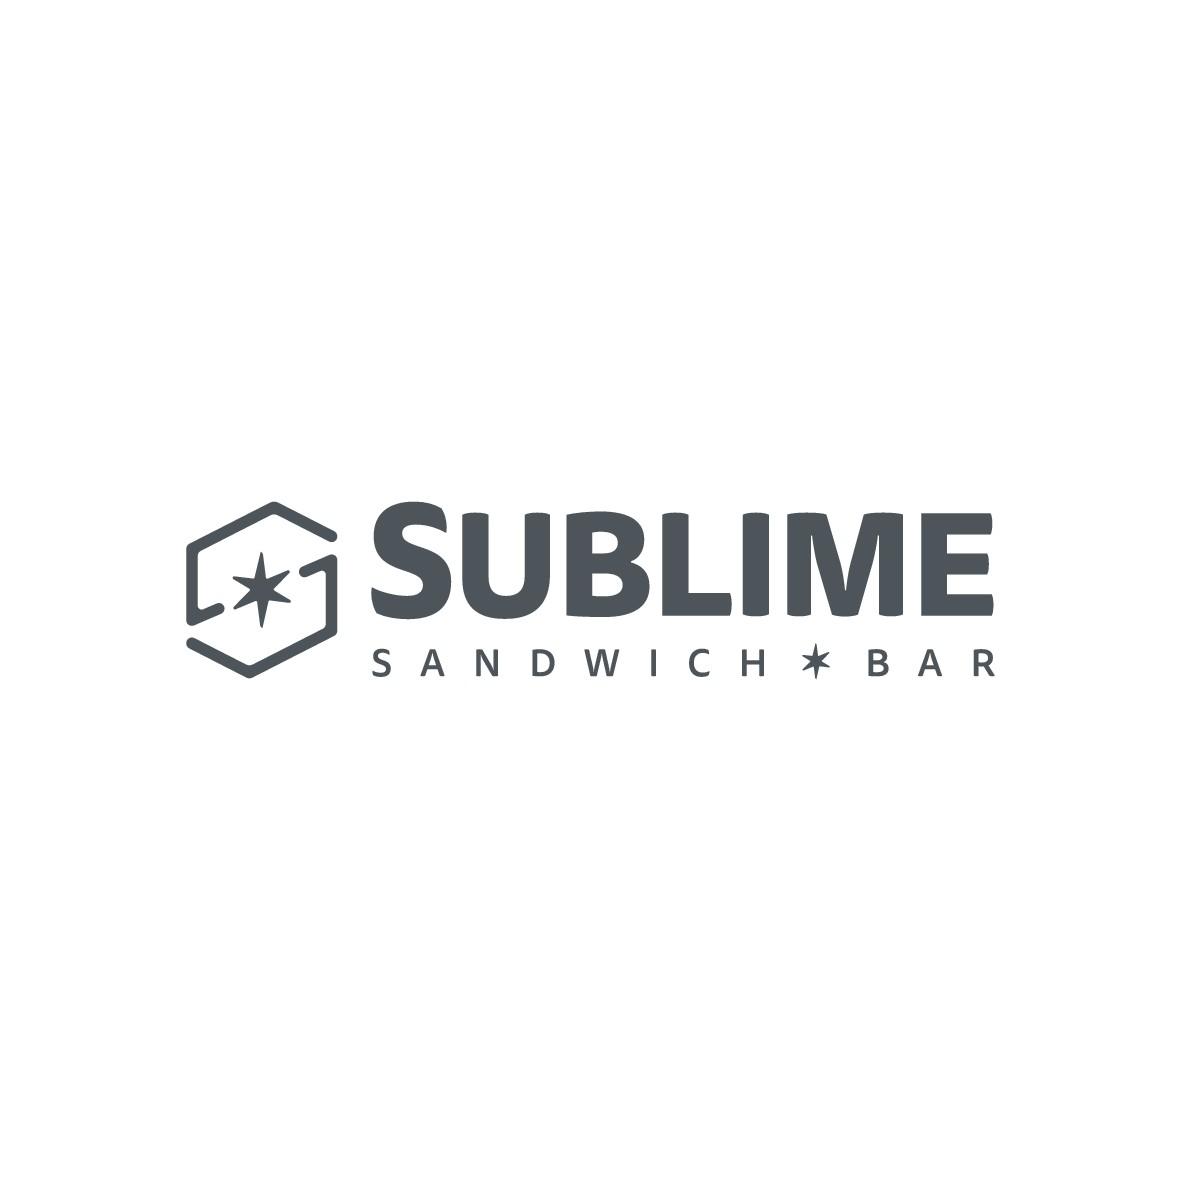 Diseña el logo de Sandwich Bar SUBLIME